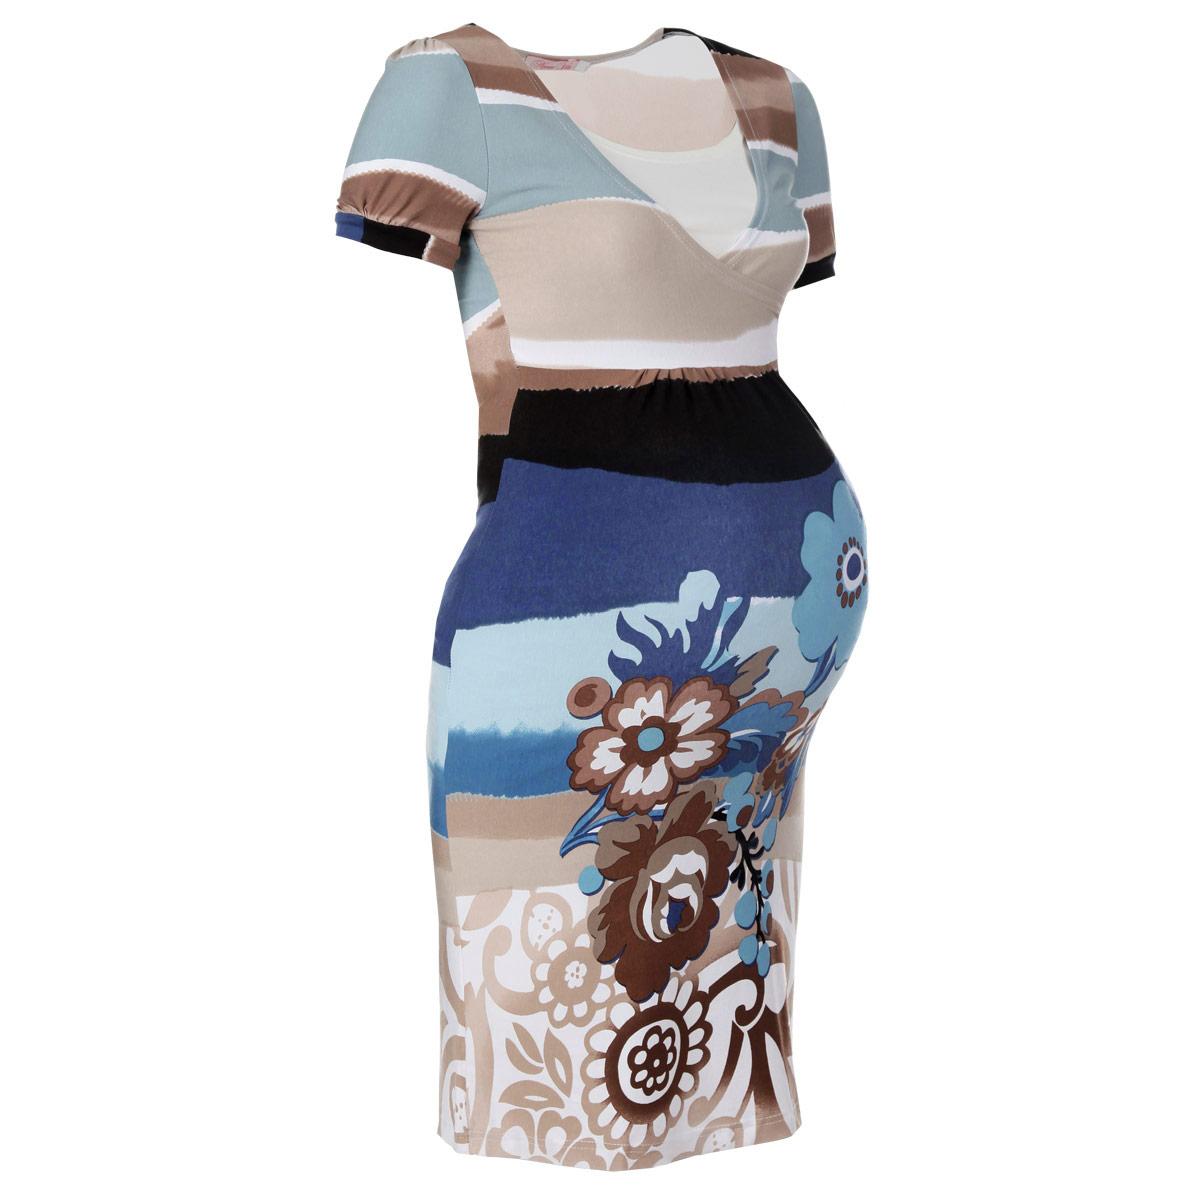 Платье для беременных и кормящих Nuova Vita, цвет: голубой, бежевый, белый. 2101. Размер 422101Стильное и удобное платье для будущих и кормящих мам Nuova Vita, изготовленное из эластичной вискозы, женственно и элегантно. Платье с короткими рукавами-фонариками и круглым вырезом горловины подчеркнет очарование будущей мамы, а секрет для кормления сделает его функциональной в период вскармливания ребенка. Секрет кормления выполнен в виде внутренней майки. Платье оформлено крупными цветочным узором и присборено под грудью. Это легкое и невероятно приятное на ощупь платье можно носить во время беременности и после родов, оно подарит вам удобство и комфорт, и подчеркнет ваше очарование в этот прекрасный период вашей жизни! Вискоза является волокном, произведенным из натурального материала - целлюлозы (древесины). Иногда ее называют древесный шелк. Эта ткань на ощупь мягкая и приятная, образует красивые складки. Материал очень хорошо впитывает влагу, не образует катышек со временем, не выцветает на солнце и обладает приятным шелковистым блеском.